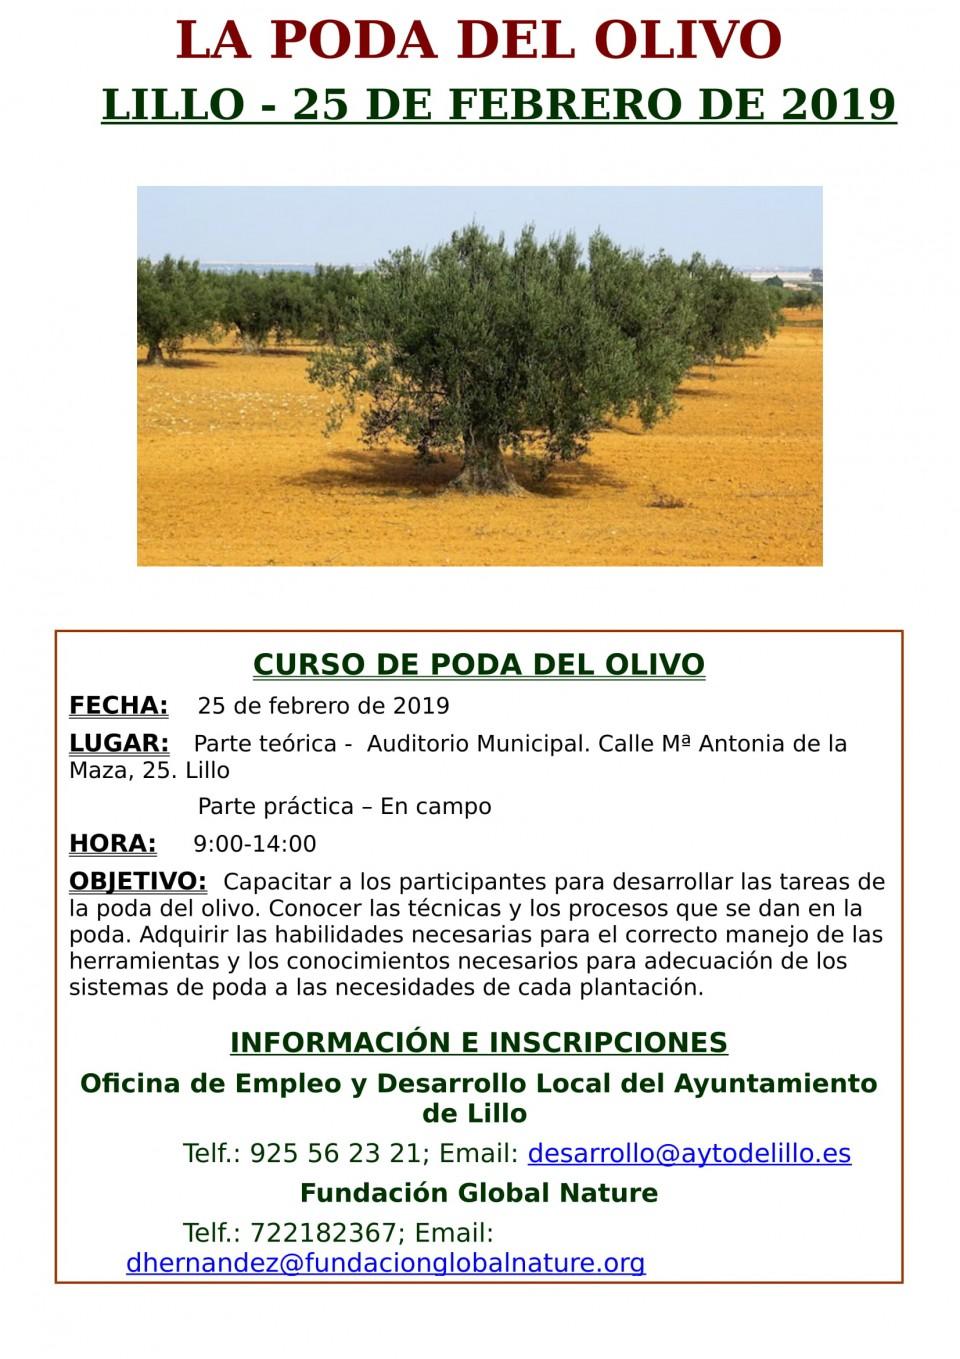 Cambio de ubicación Cursos de Poda Olivo y Poda Almendro